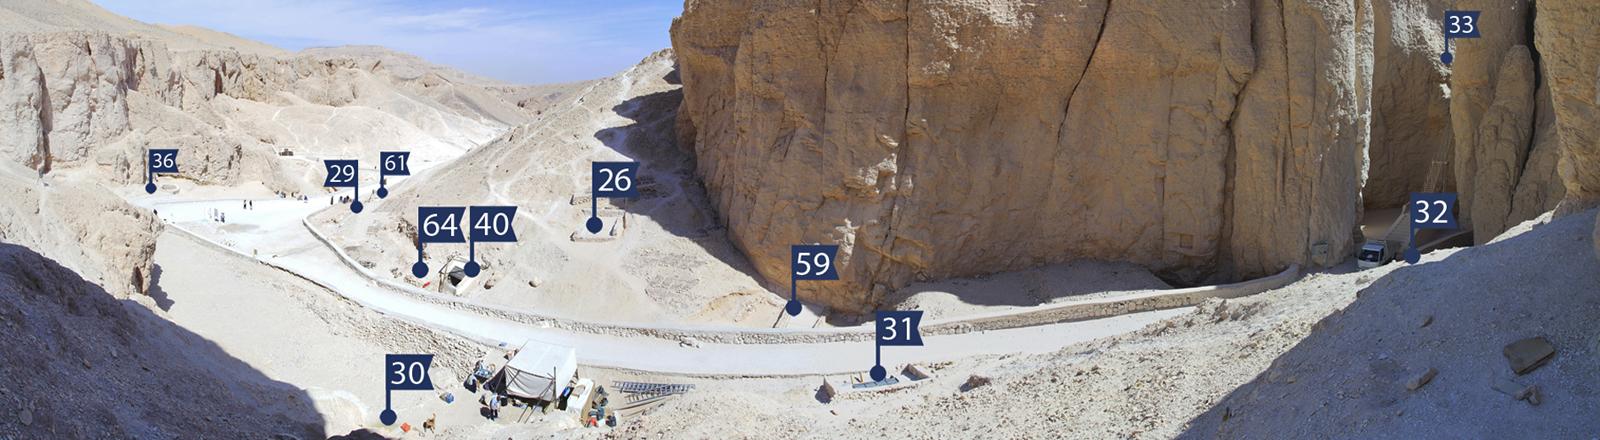 Panorama eines Bereichs des Tals der Könige. Markierungen mit Nummern wurden per Computer ergänzt.